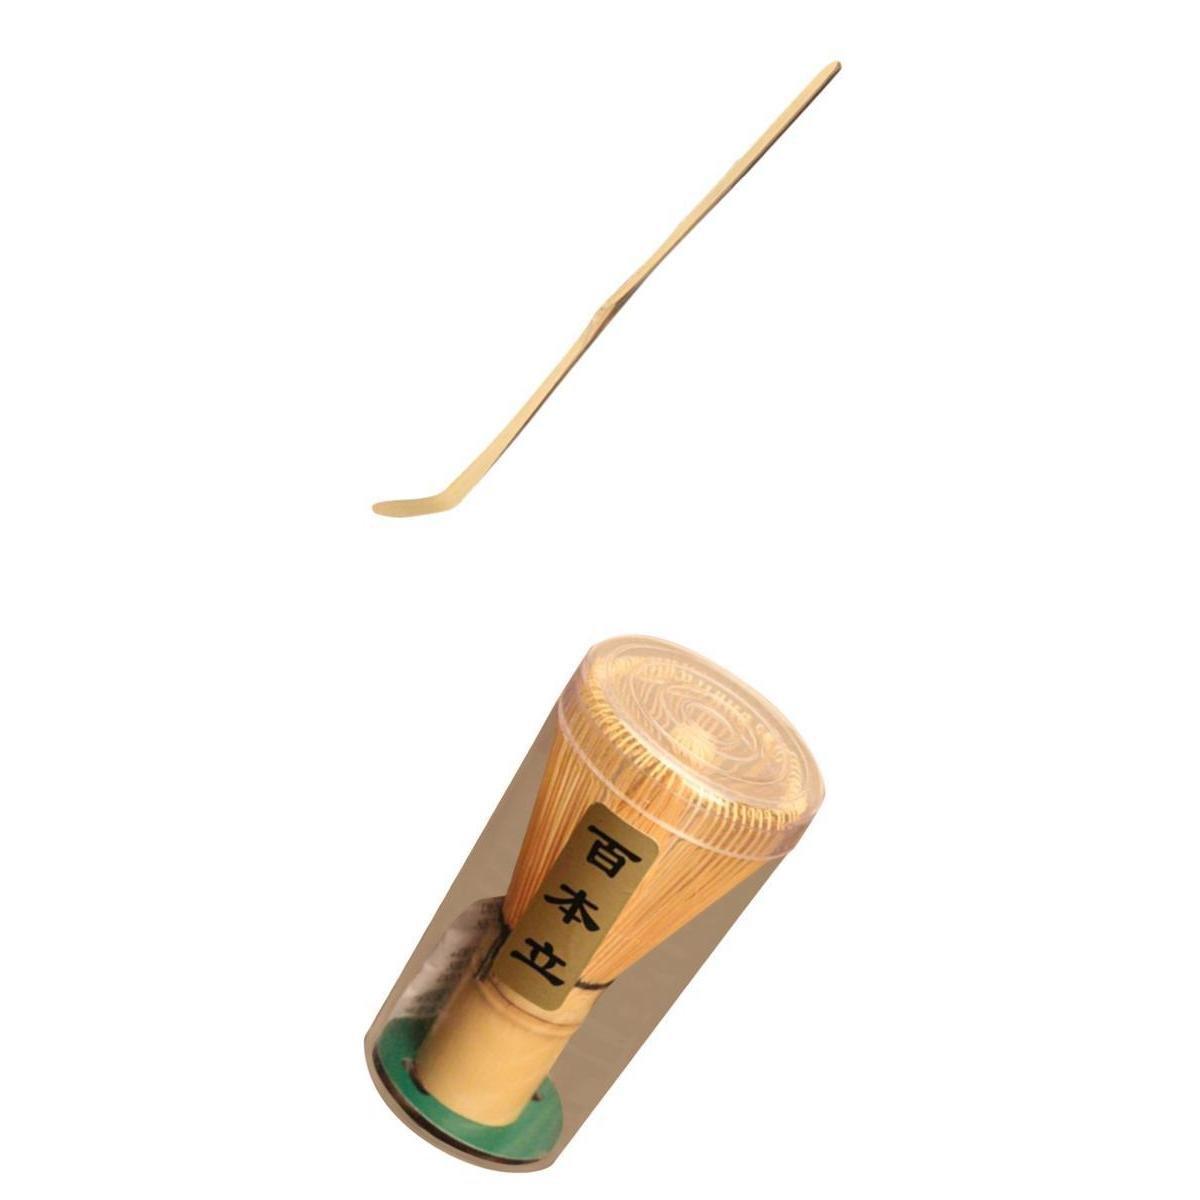 Blesiya Matcha Whisk and Matcha Scoop, Bamboo, Ceremonial, Green Tea Powder Set of 2